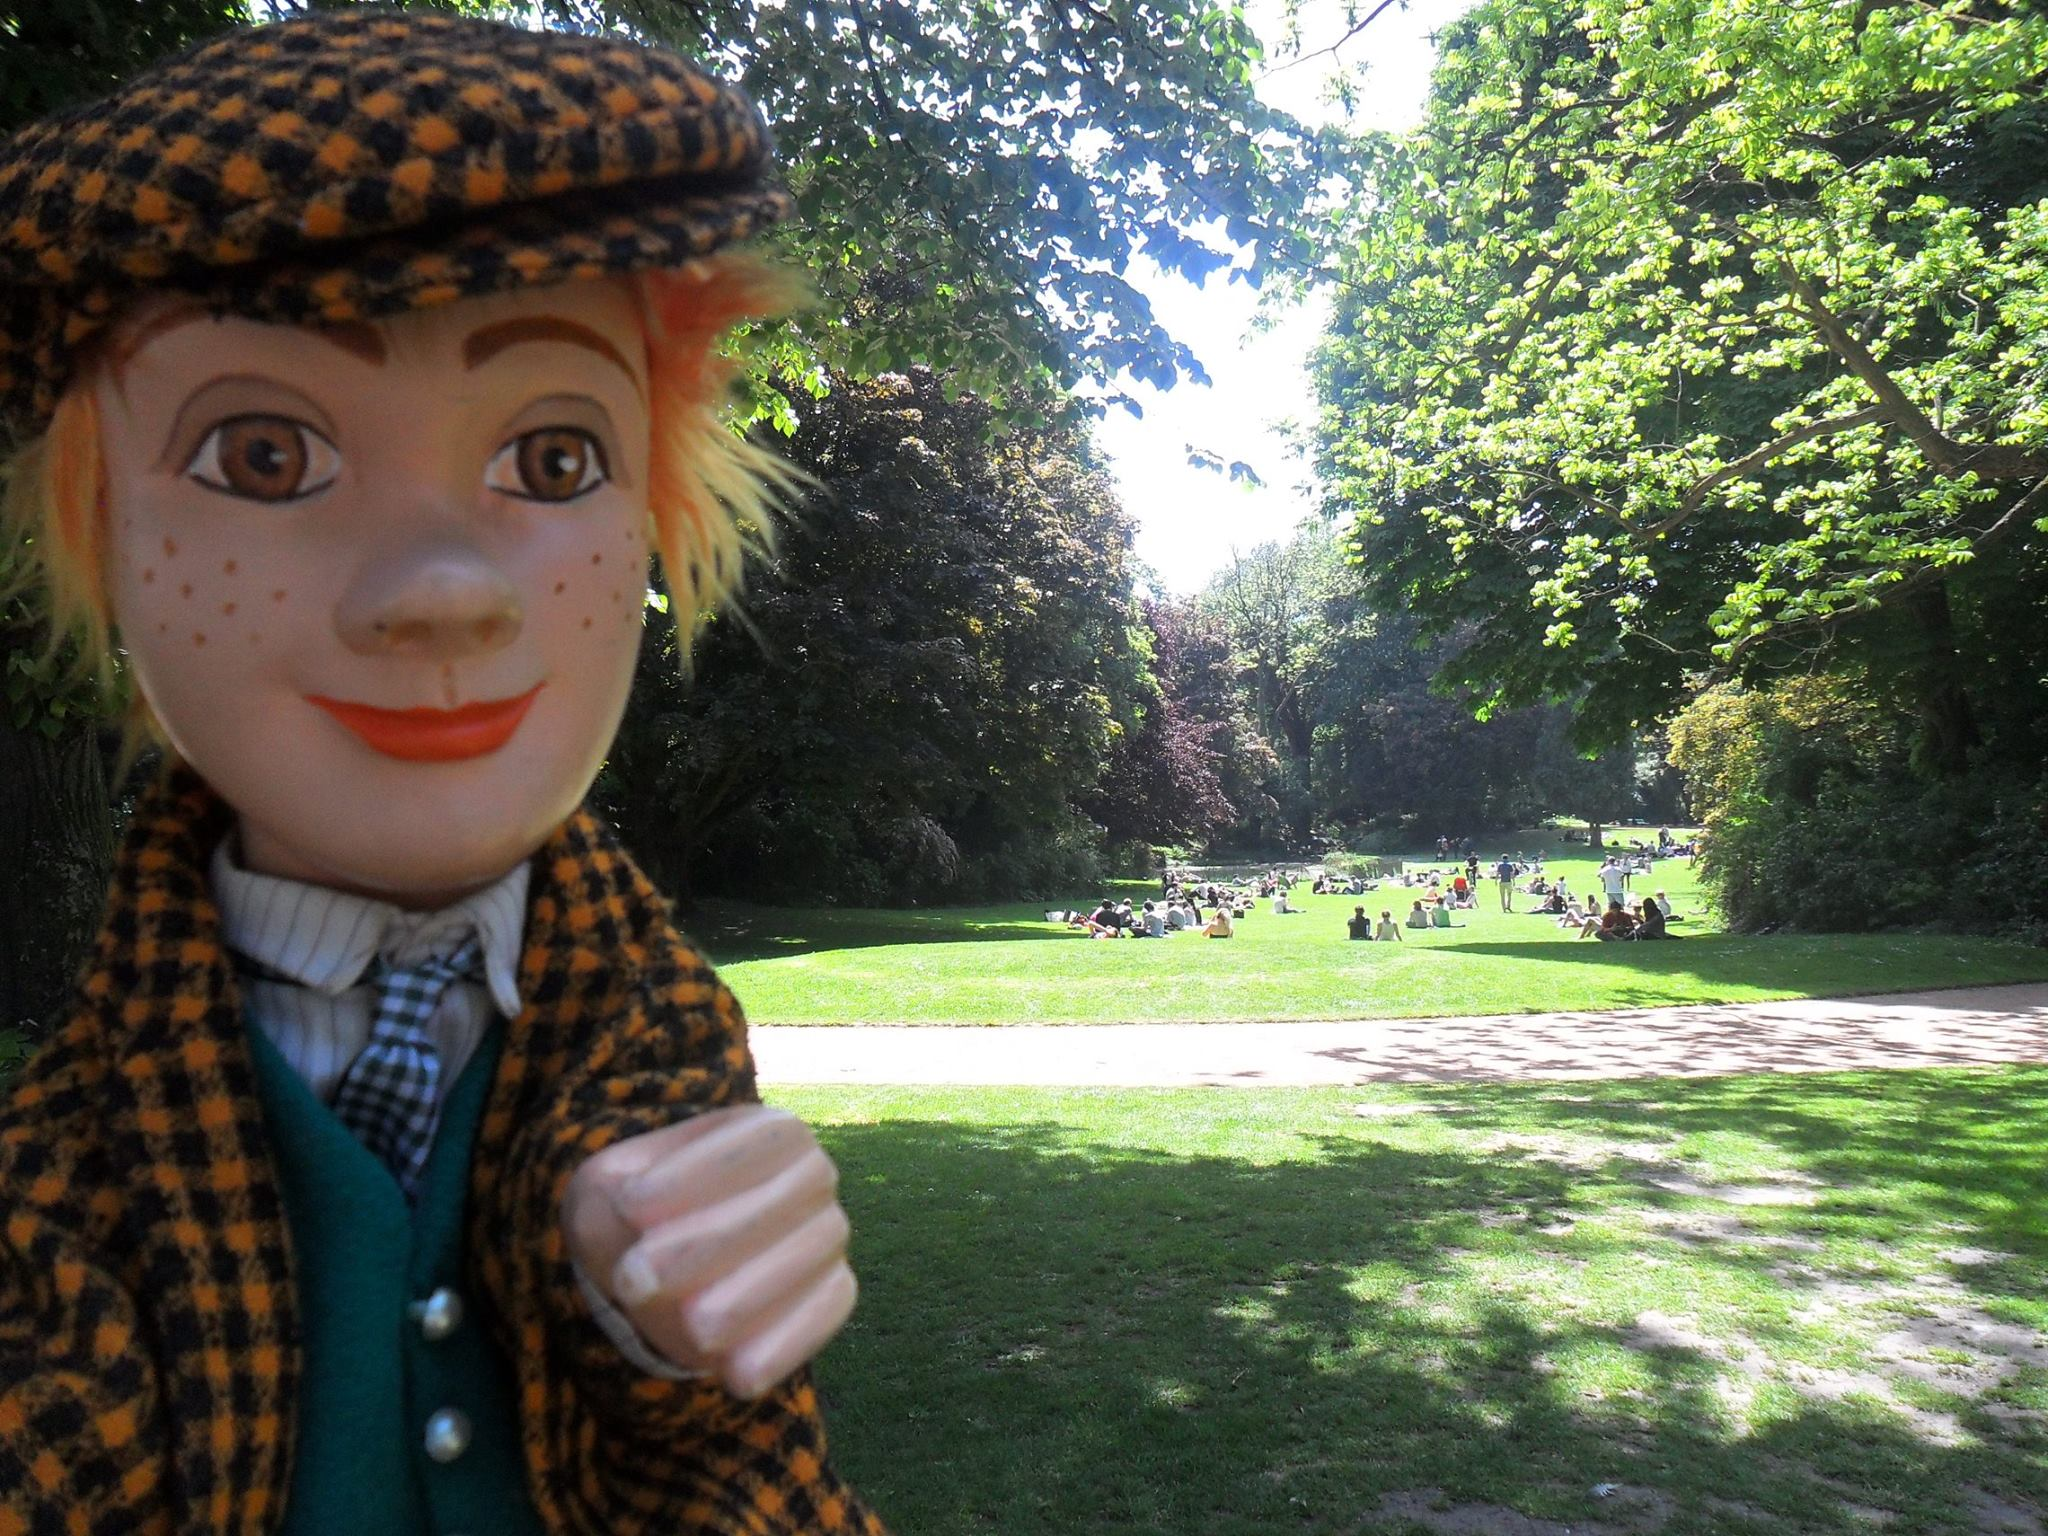 Le jardin vauban de lille parc de l 39 imp ratrice eug nie for Jardin vauban lille